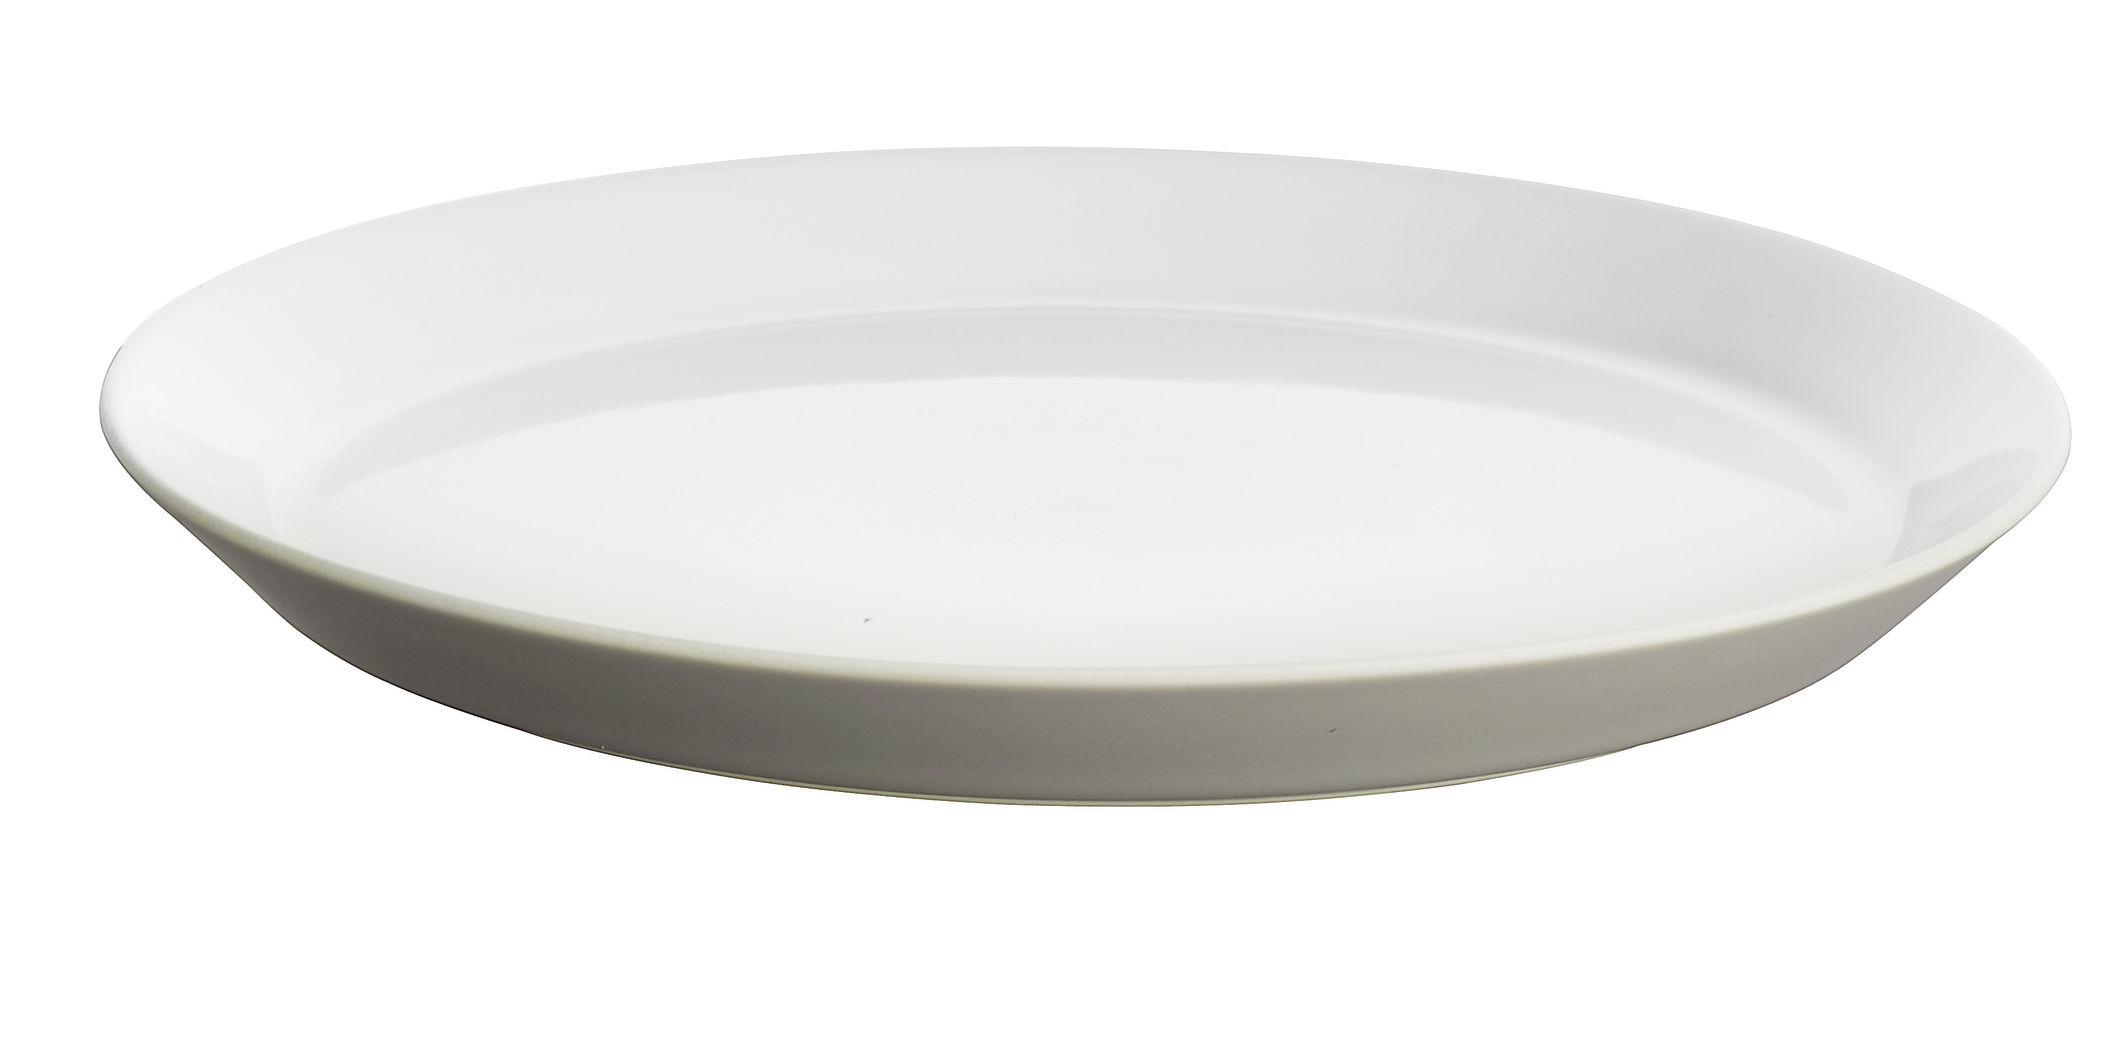 Arts de la table - Assiettes - Assiette Tonale / Ø 26,5 cm - Alessi - Gris clair / intérieur blanc - Céramique Stoneware